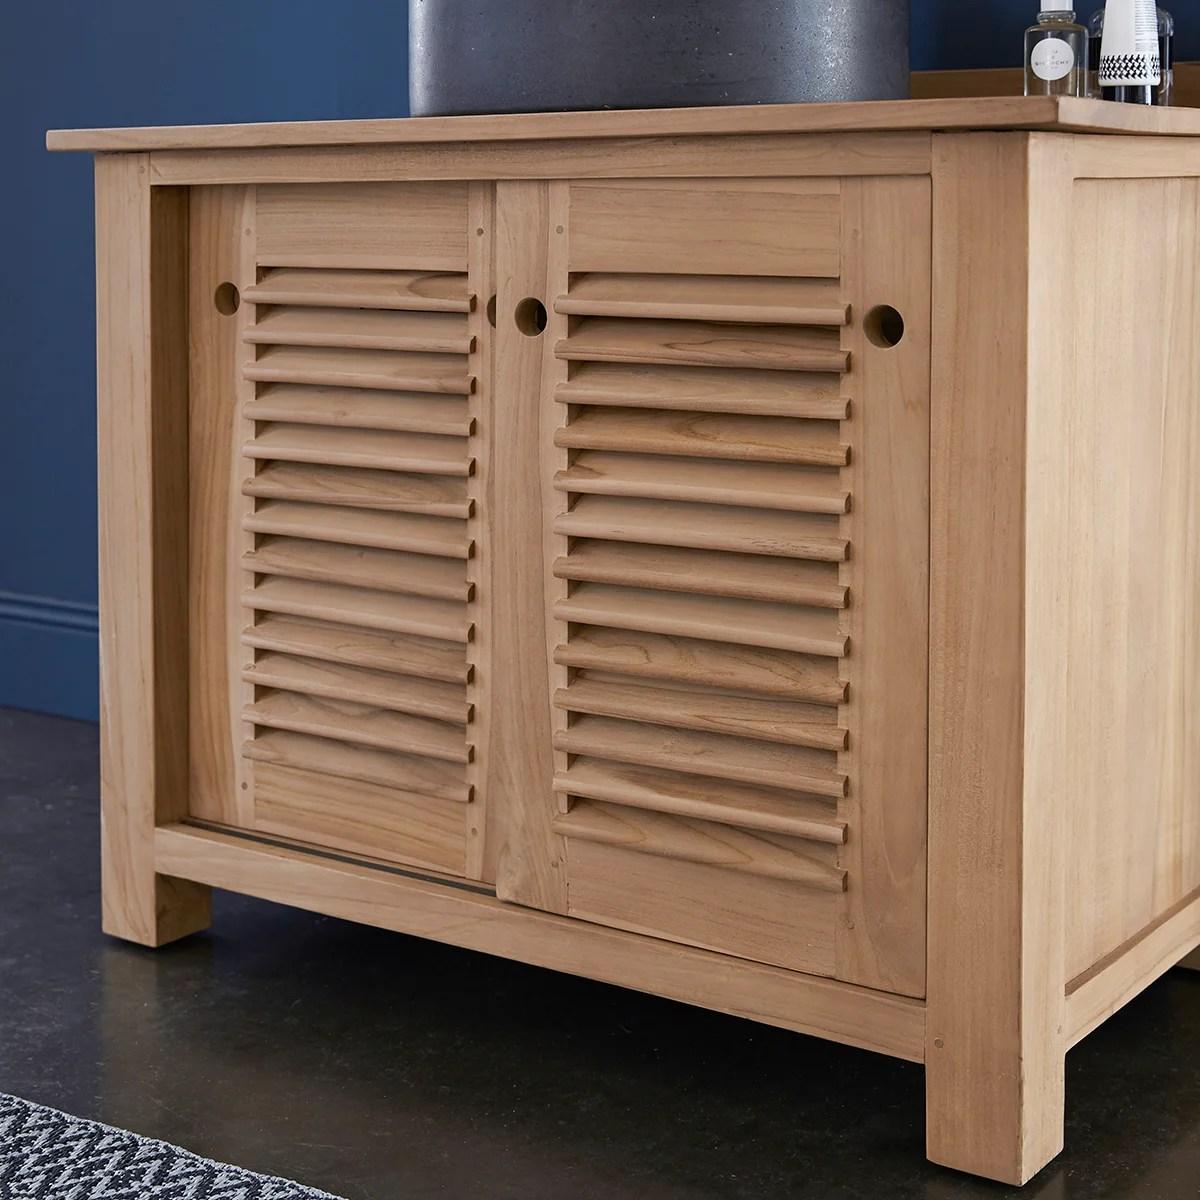 meuble simple vasque l 95 x h 75 x p 55 cm teck coline